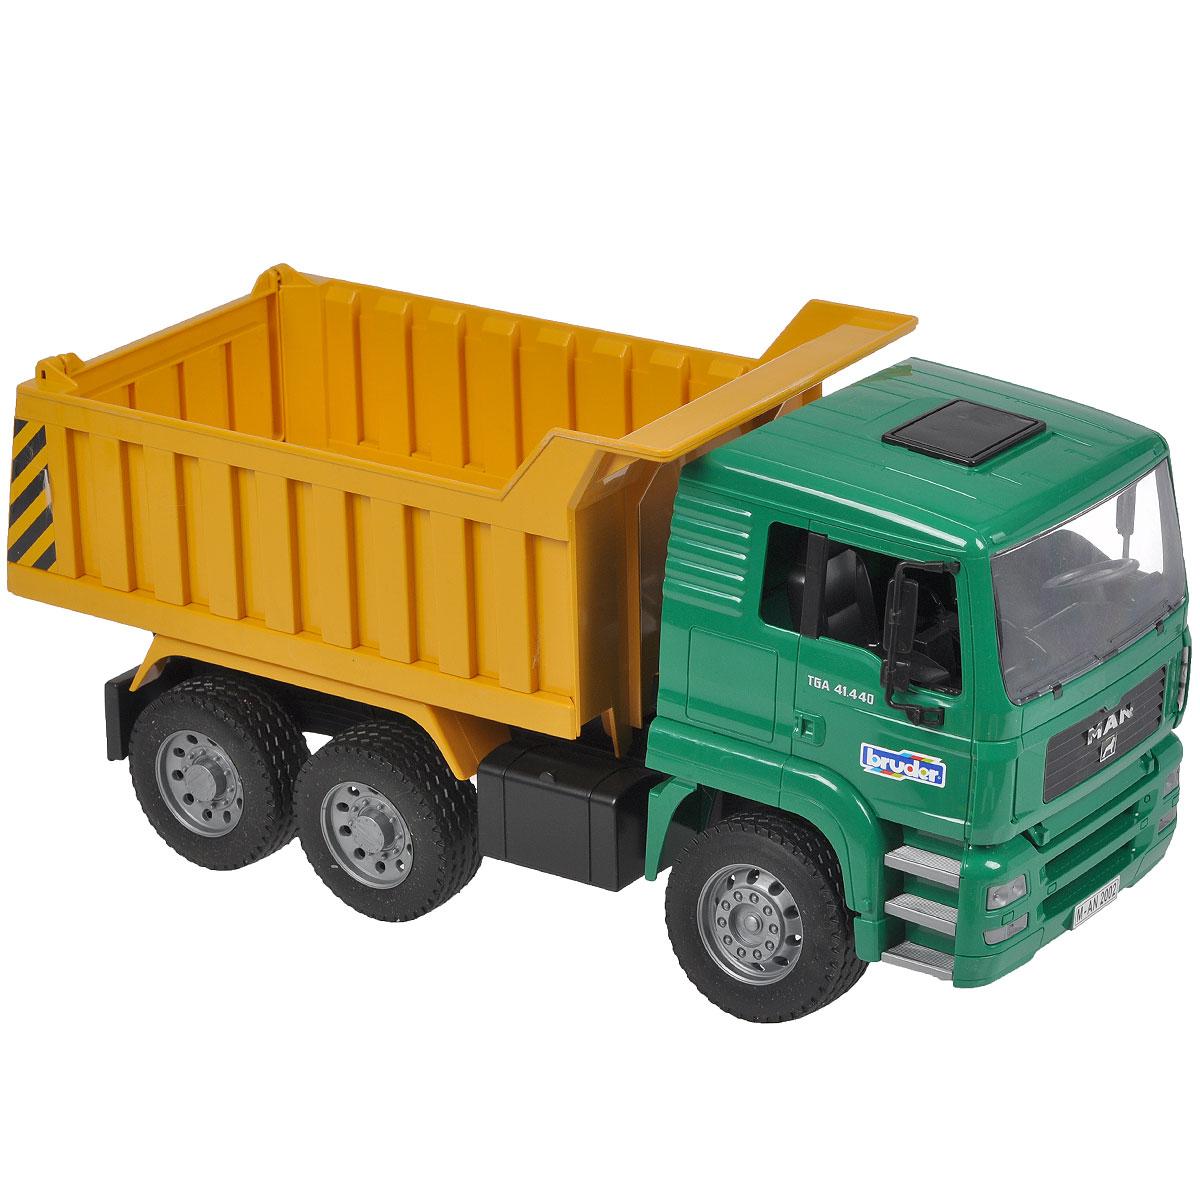 Bruder Самосвал MAN цвет желтый зеленый02-765Самосвал Bruder MAN, выполненный из прочного безопасного материала желтого и зеленого цветов, отлично подойдет ребенку для различных игр. Машина является уменьшенной копией самосвала фирмы MAN. Самосвал оснащен вместительным опрокидывающимся кузовом, задний борт которого открывается. Водительская кабина откидывается, что обеспечивает доступ к двигателю; зеркала складываются. В кабину помещается небольшая игрушка. Прорезиненные колеса обеспечивают машине устойчивость и хорошую проходимость. К самосвалу подходит модуль со световыми и звуковыми эффектами (не входит в комплект). Ваш юный строитель сможет прекрасно провести время дома или на улице, воспроизводя свою стройку.